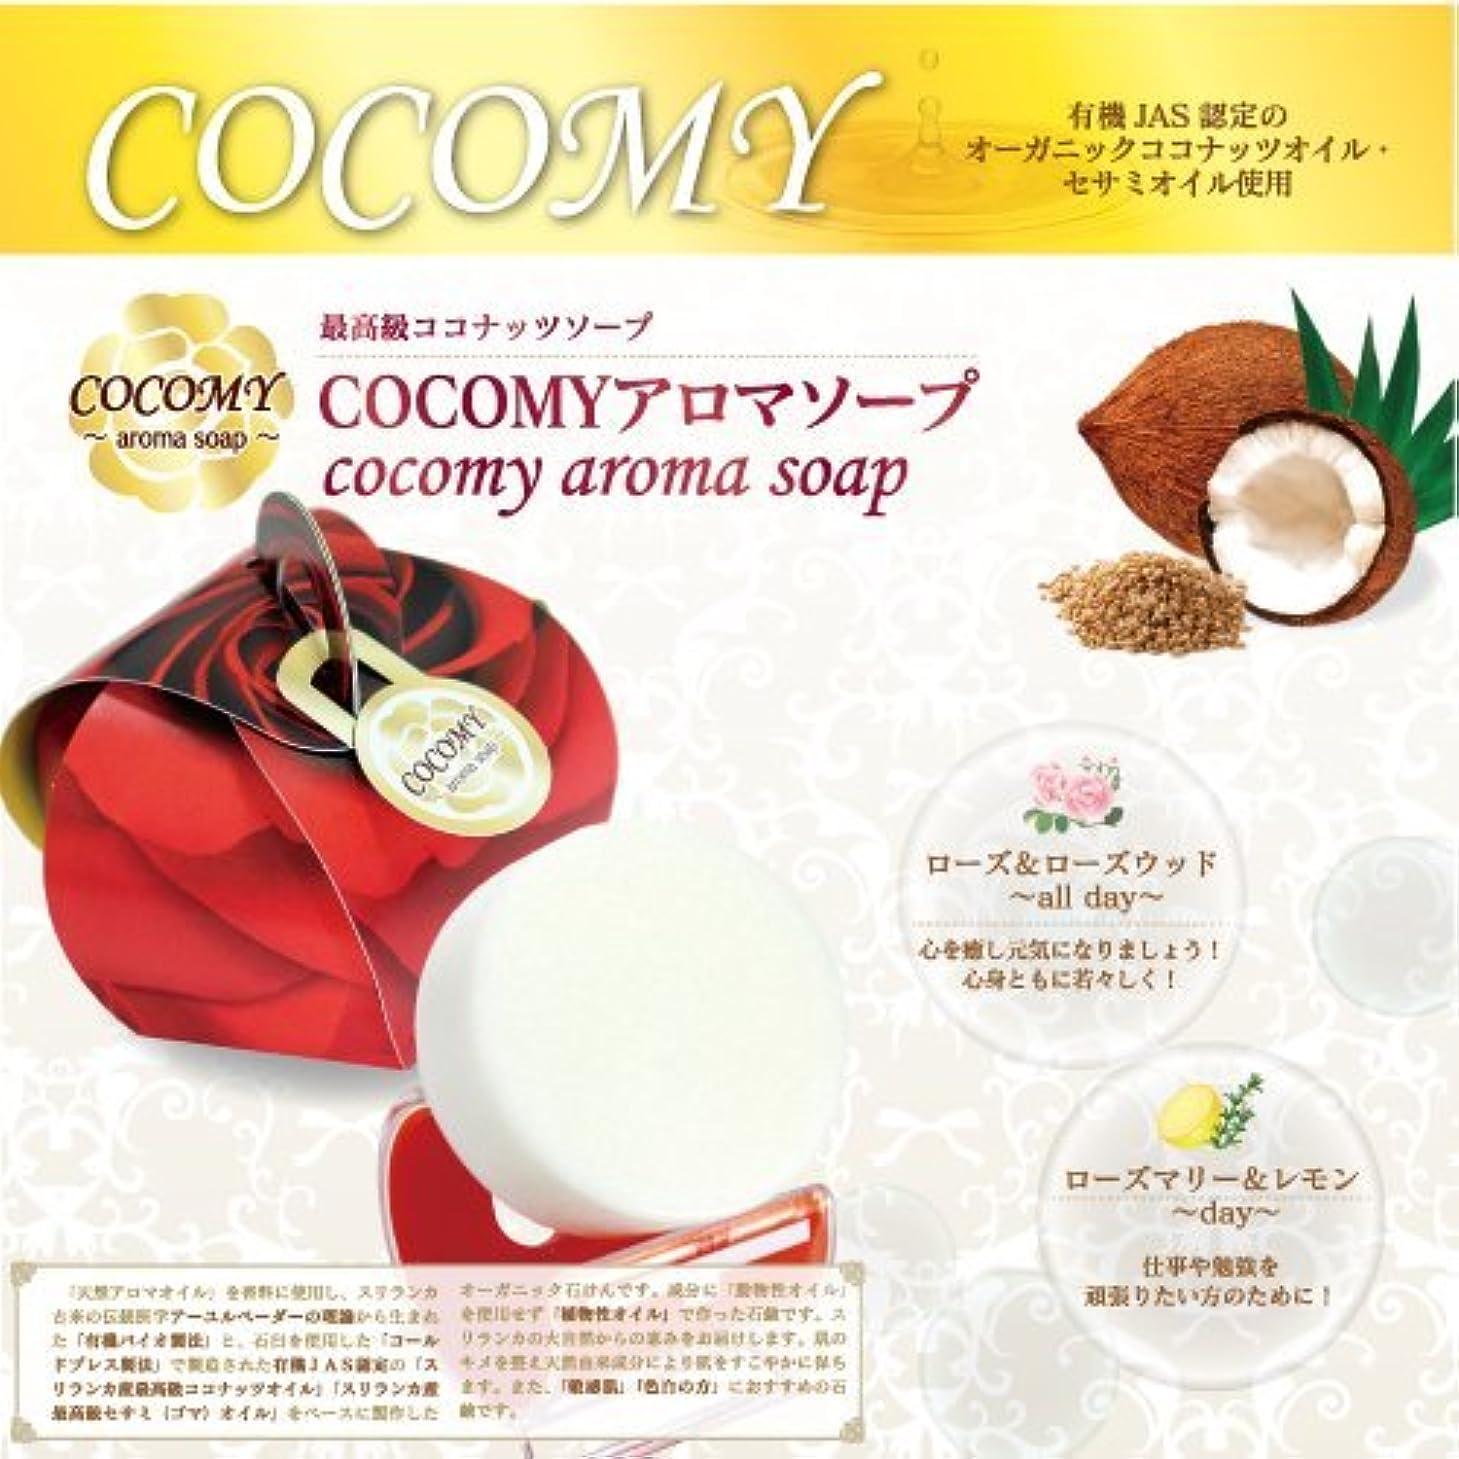 トラブル注意真珠のようなCOCOMY aromaソープ 4個セット (ローズマリー&レモン)(ローズ&ローズウッド) 40g×各2